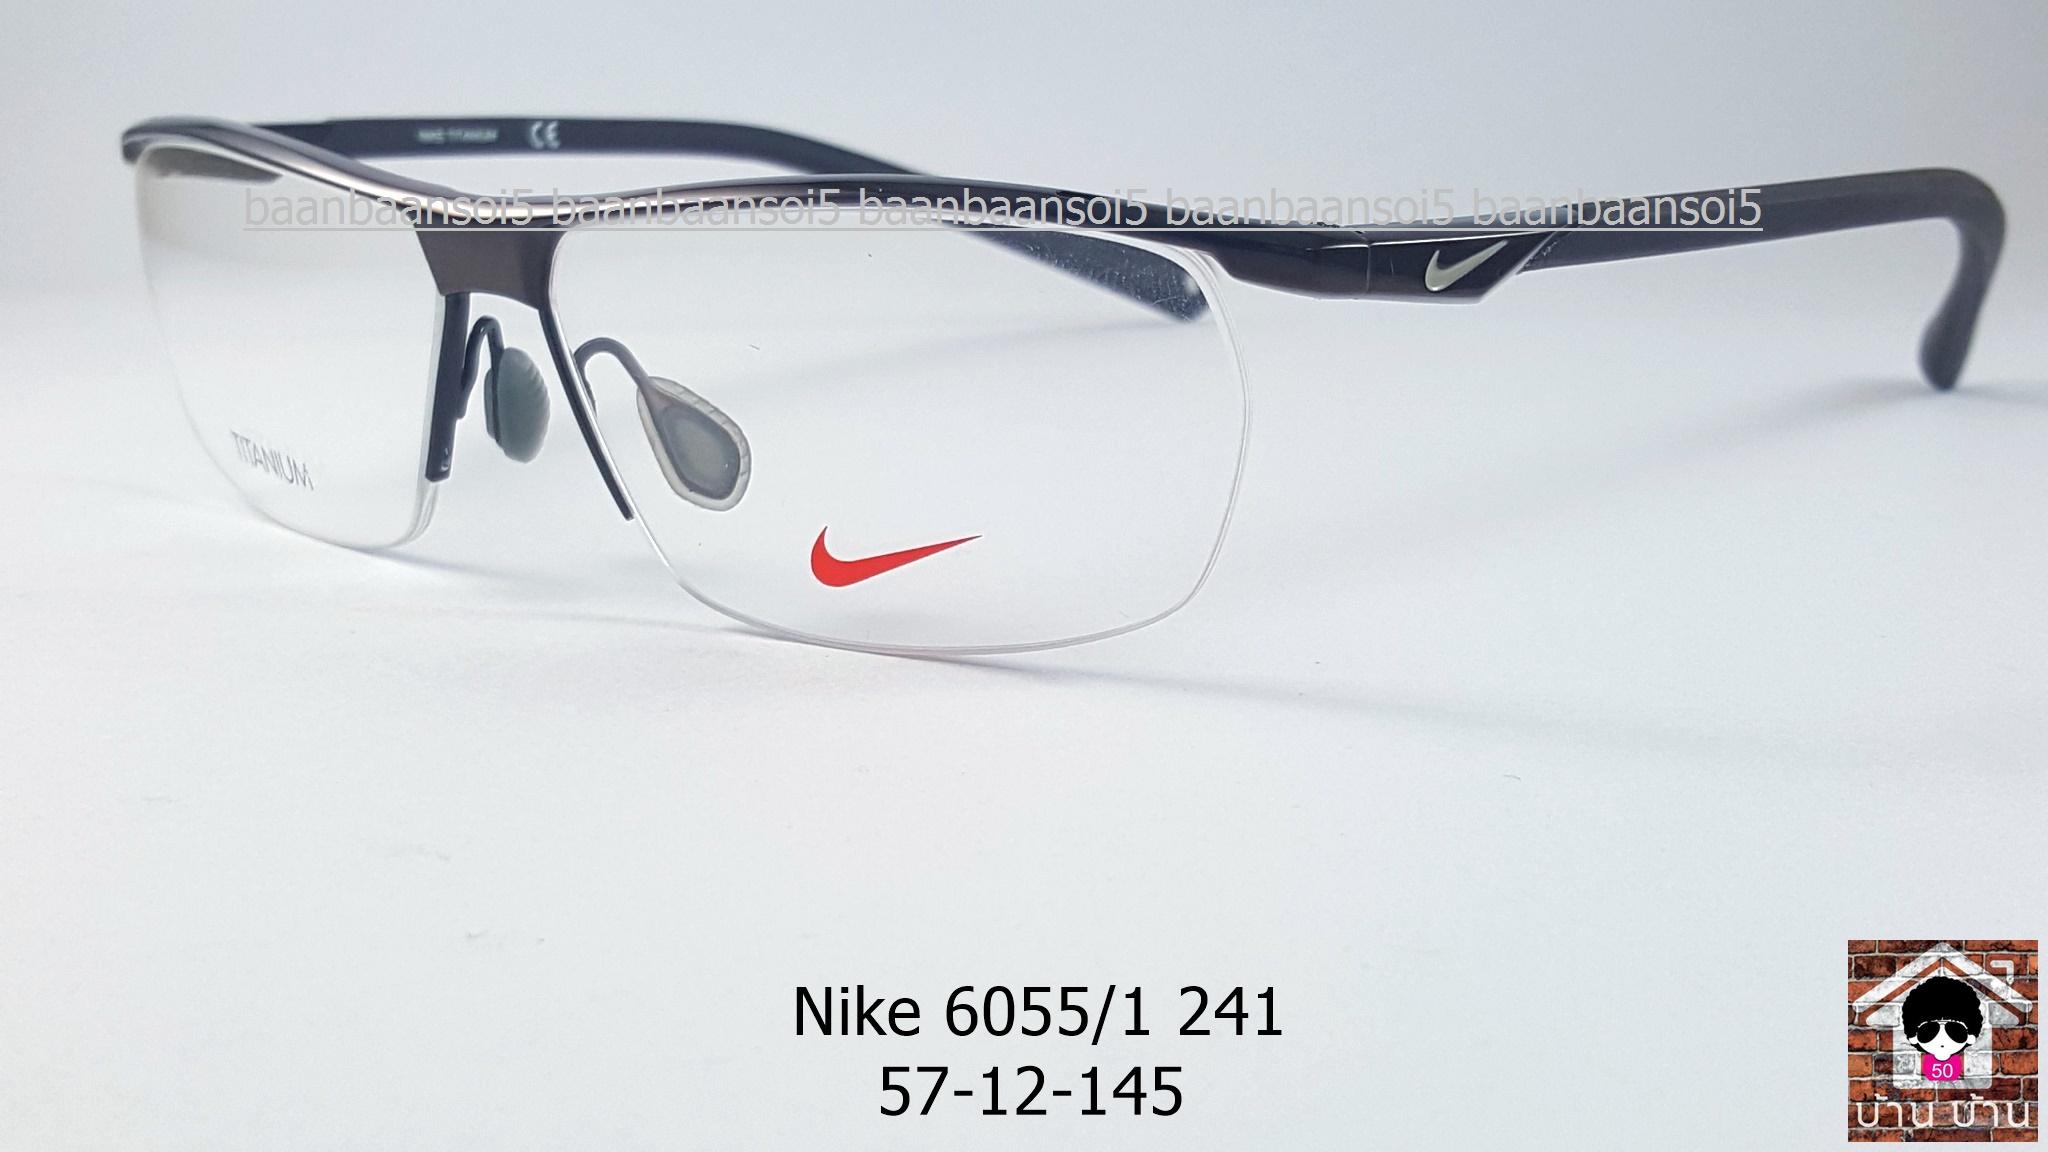 NIKE BRAND ORIGINALแท้ TITAUIUM 6055/1 241 กรอบแว่นตาพร้อมเลนส์ มัลติโค๊ตHOYA ป้องกันรังสีคอม 6,200 บาท